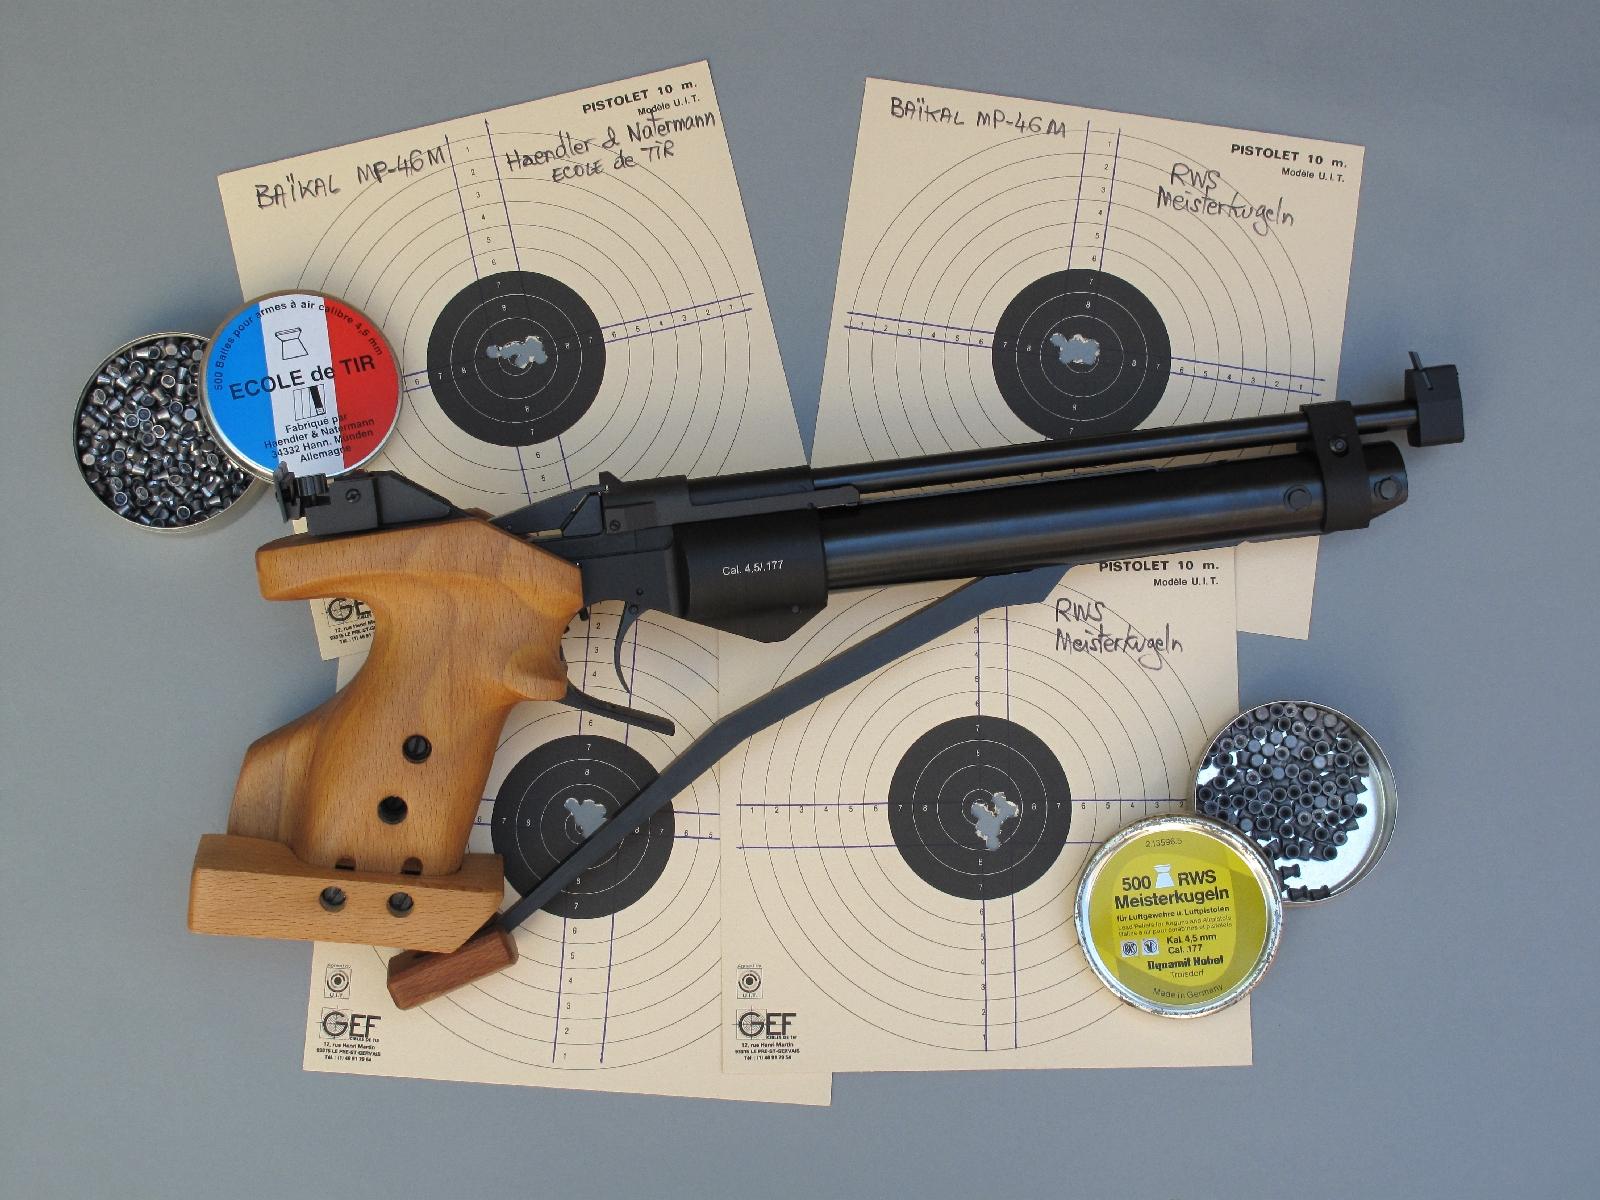 Le pistolet que nous avons testé, accompagné de nos cibles tirées sur appui à la distance de dix mètres.